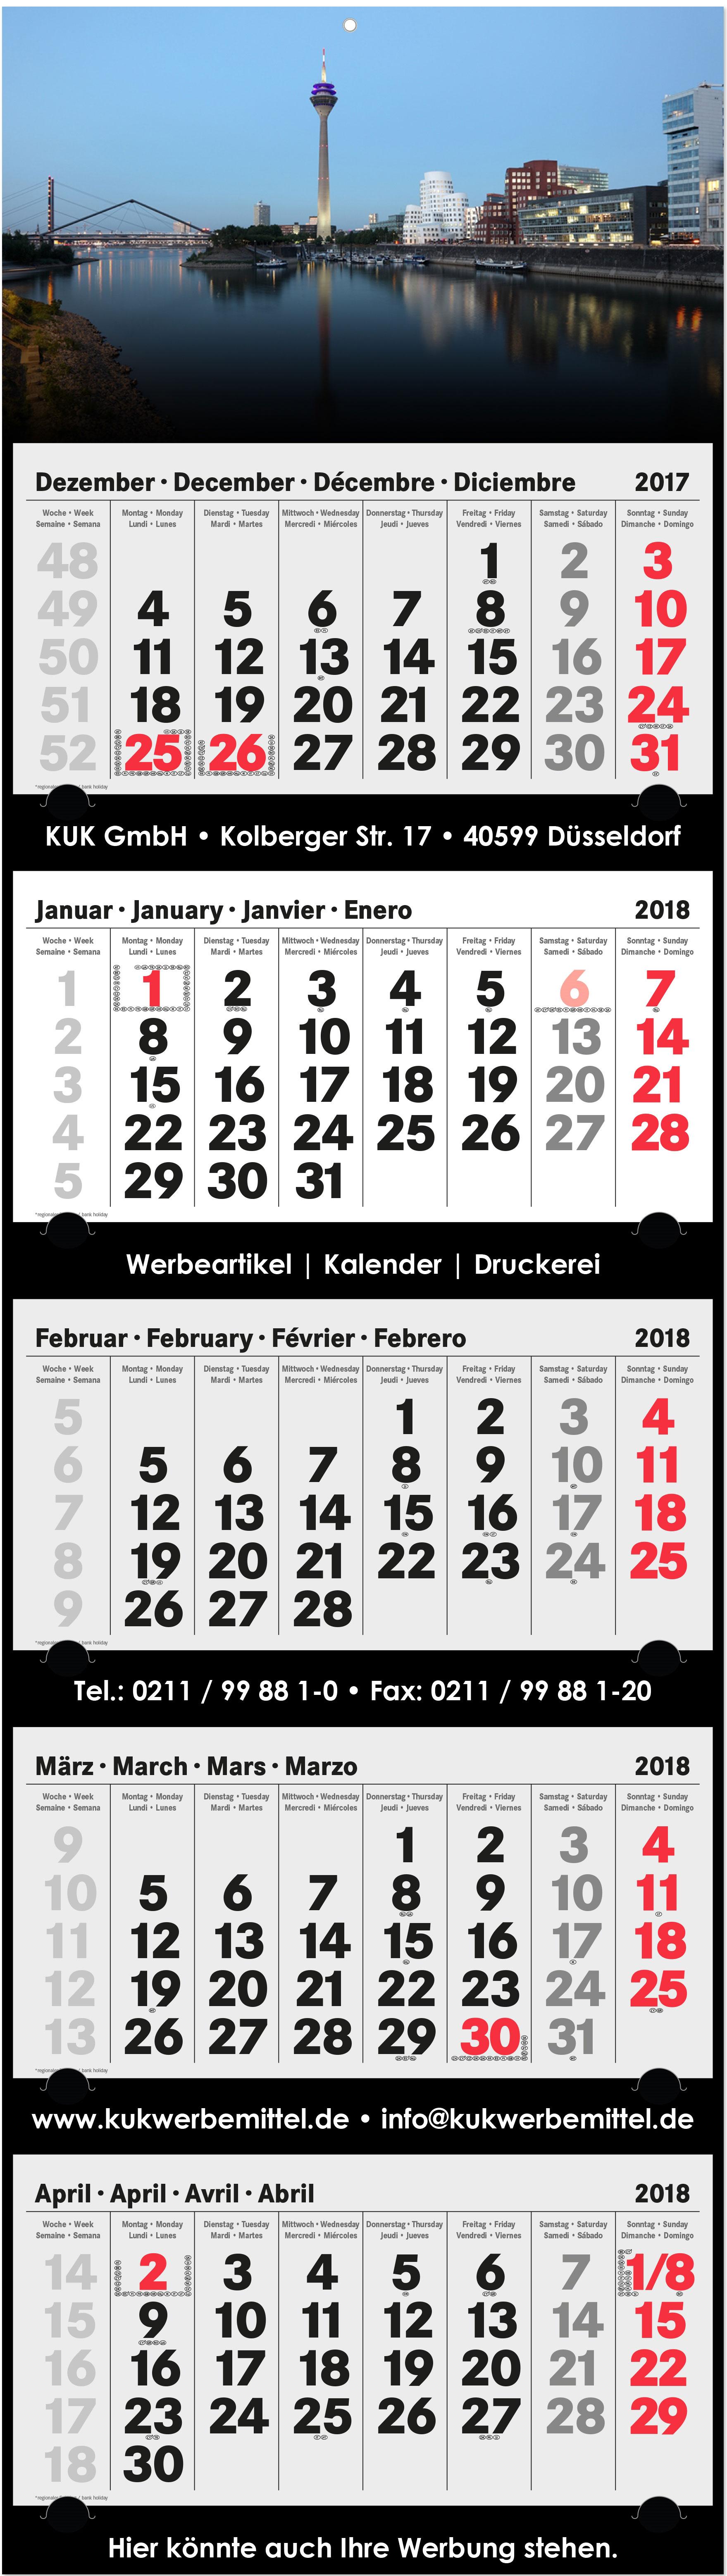 5-Monatskalender 2018 xl